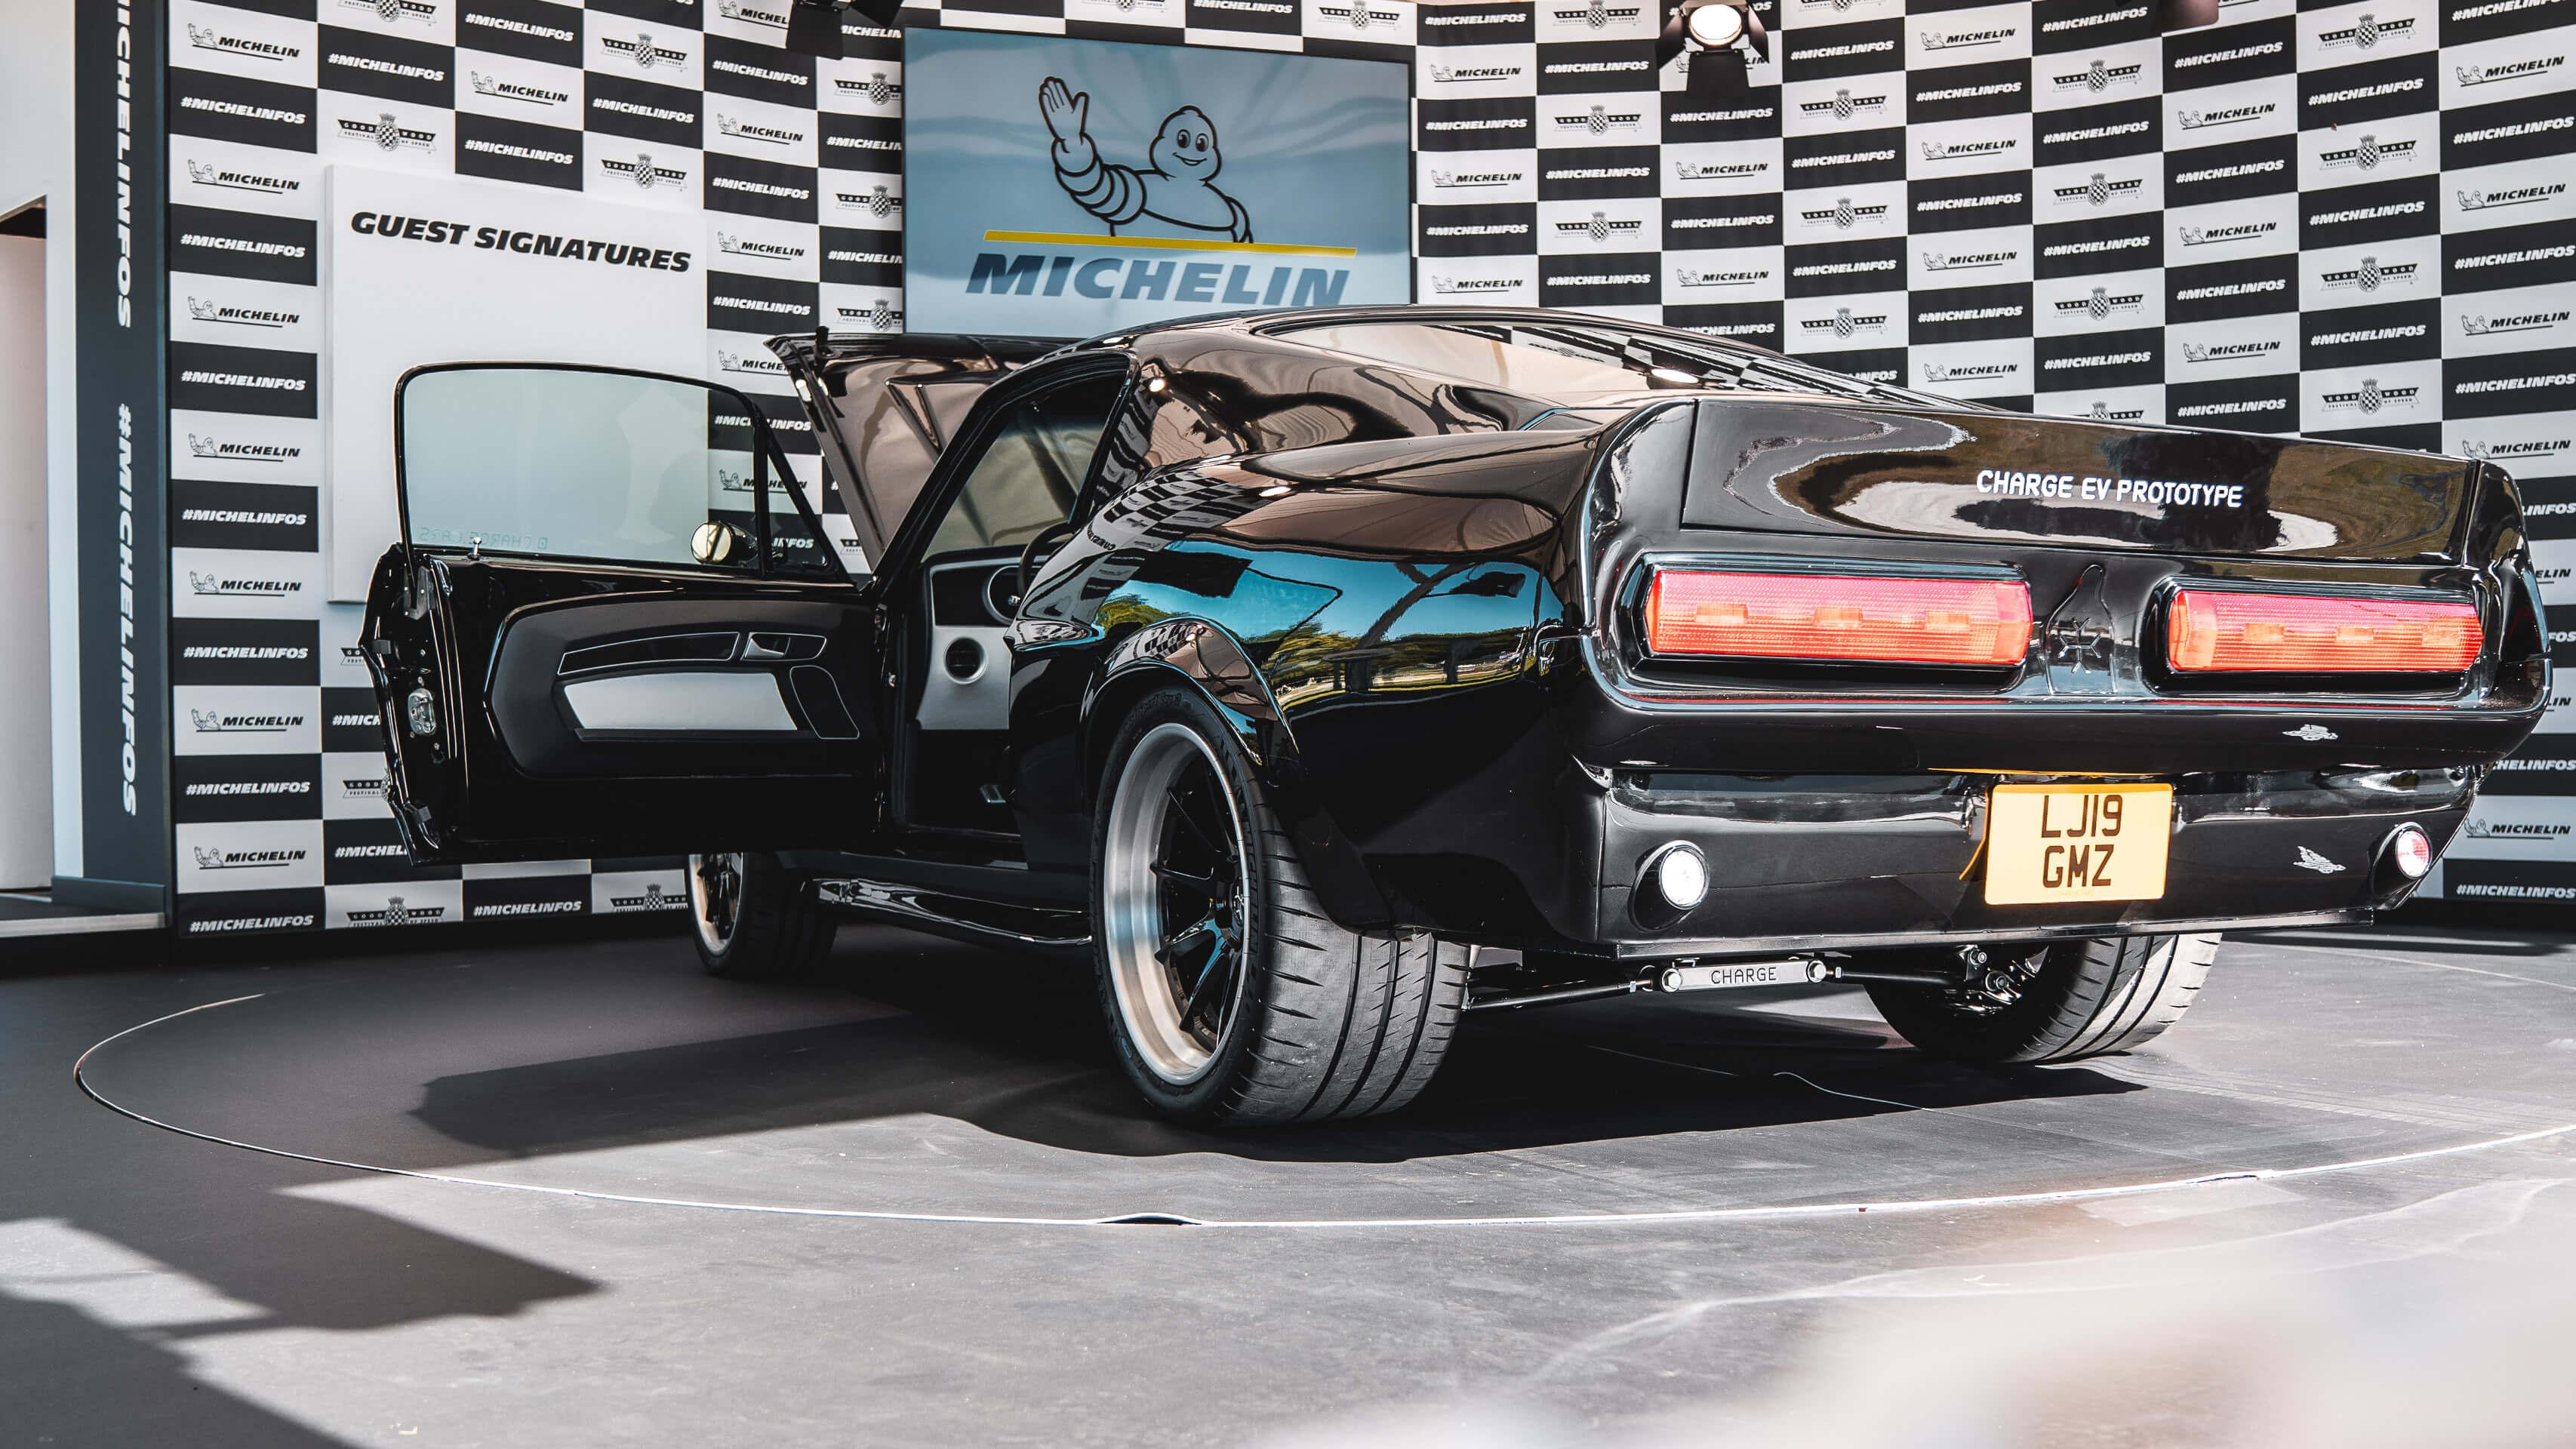 Im Rausch der Geschwindigkeit: Zu Besuch beim Goodwood Festival of Speed mit Michelin 15